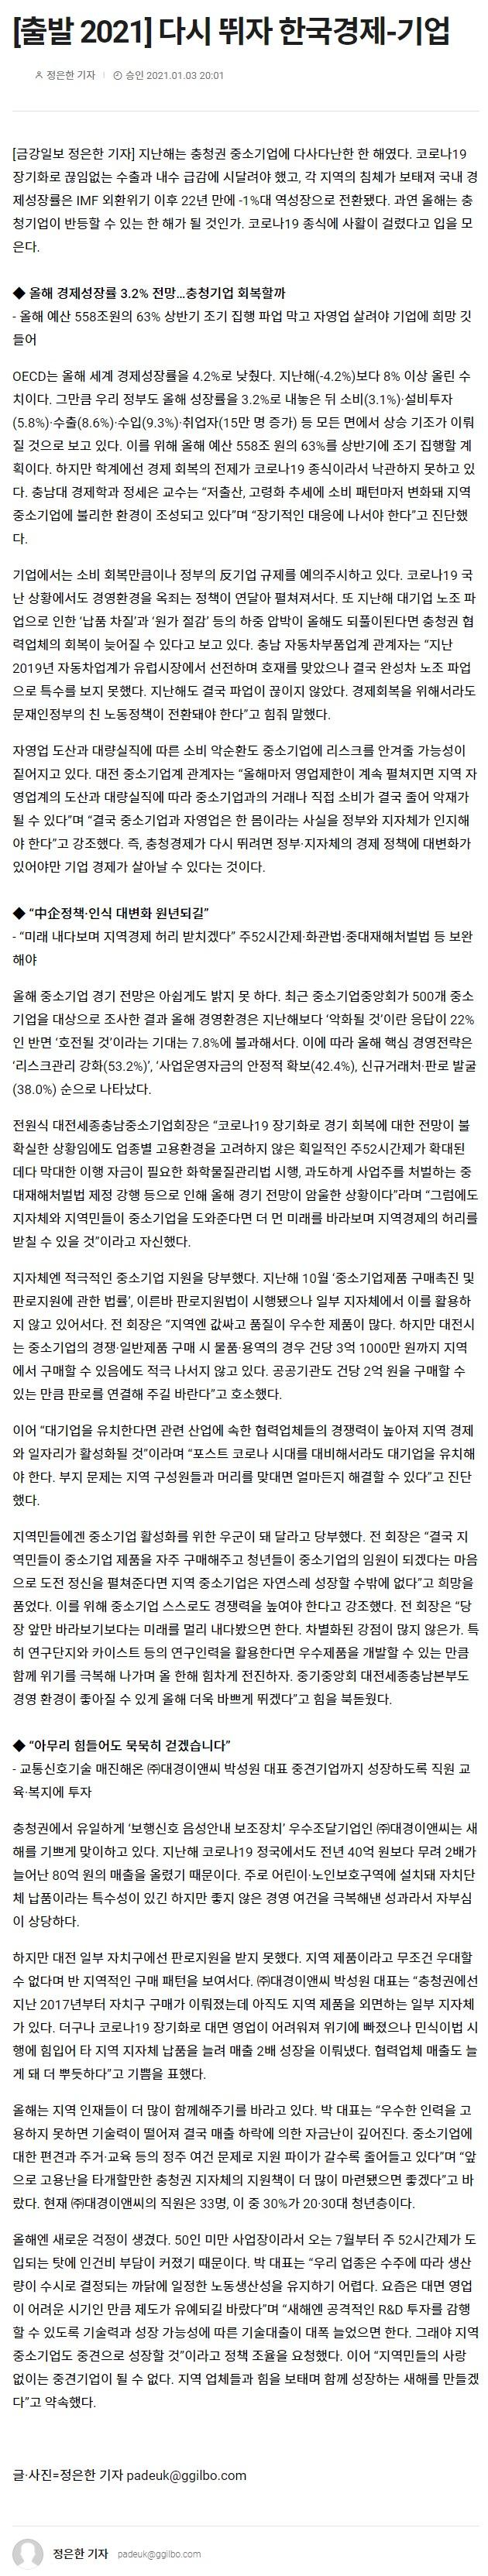 2021-01-04 금강일보.jpg